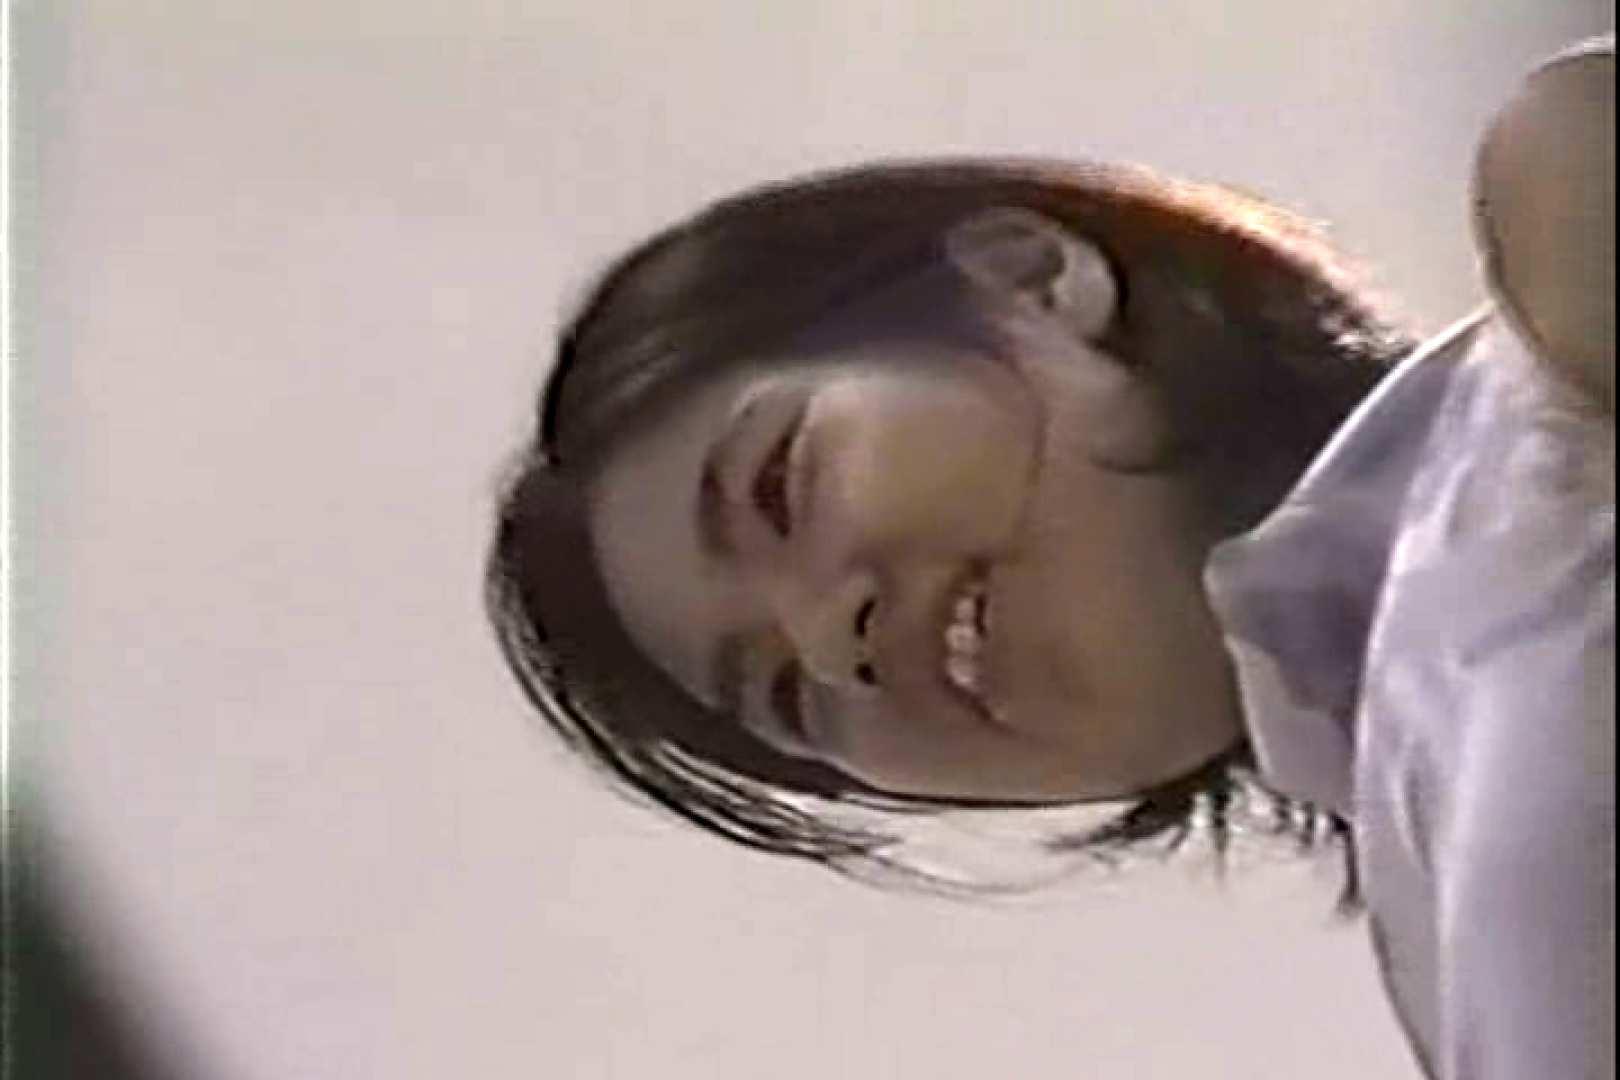 「ちくりん」さんのオリジナル未編集パンチラVol.6_01 新入生パンチラ | ミニスカート  95pic 26